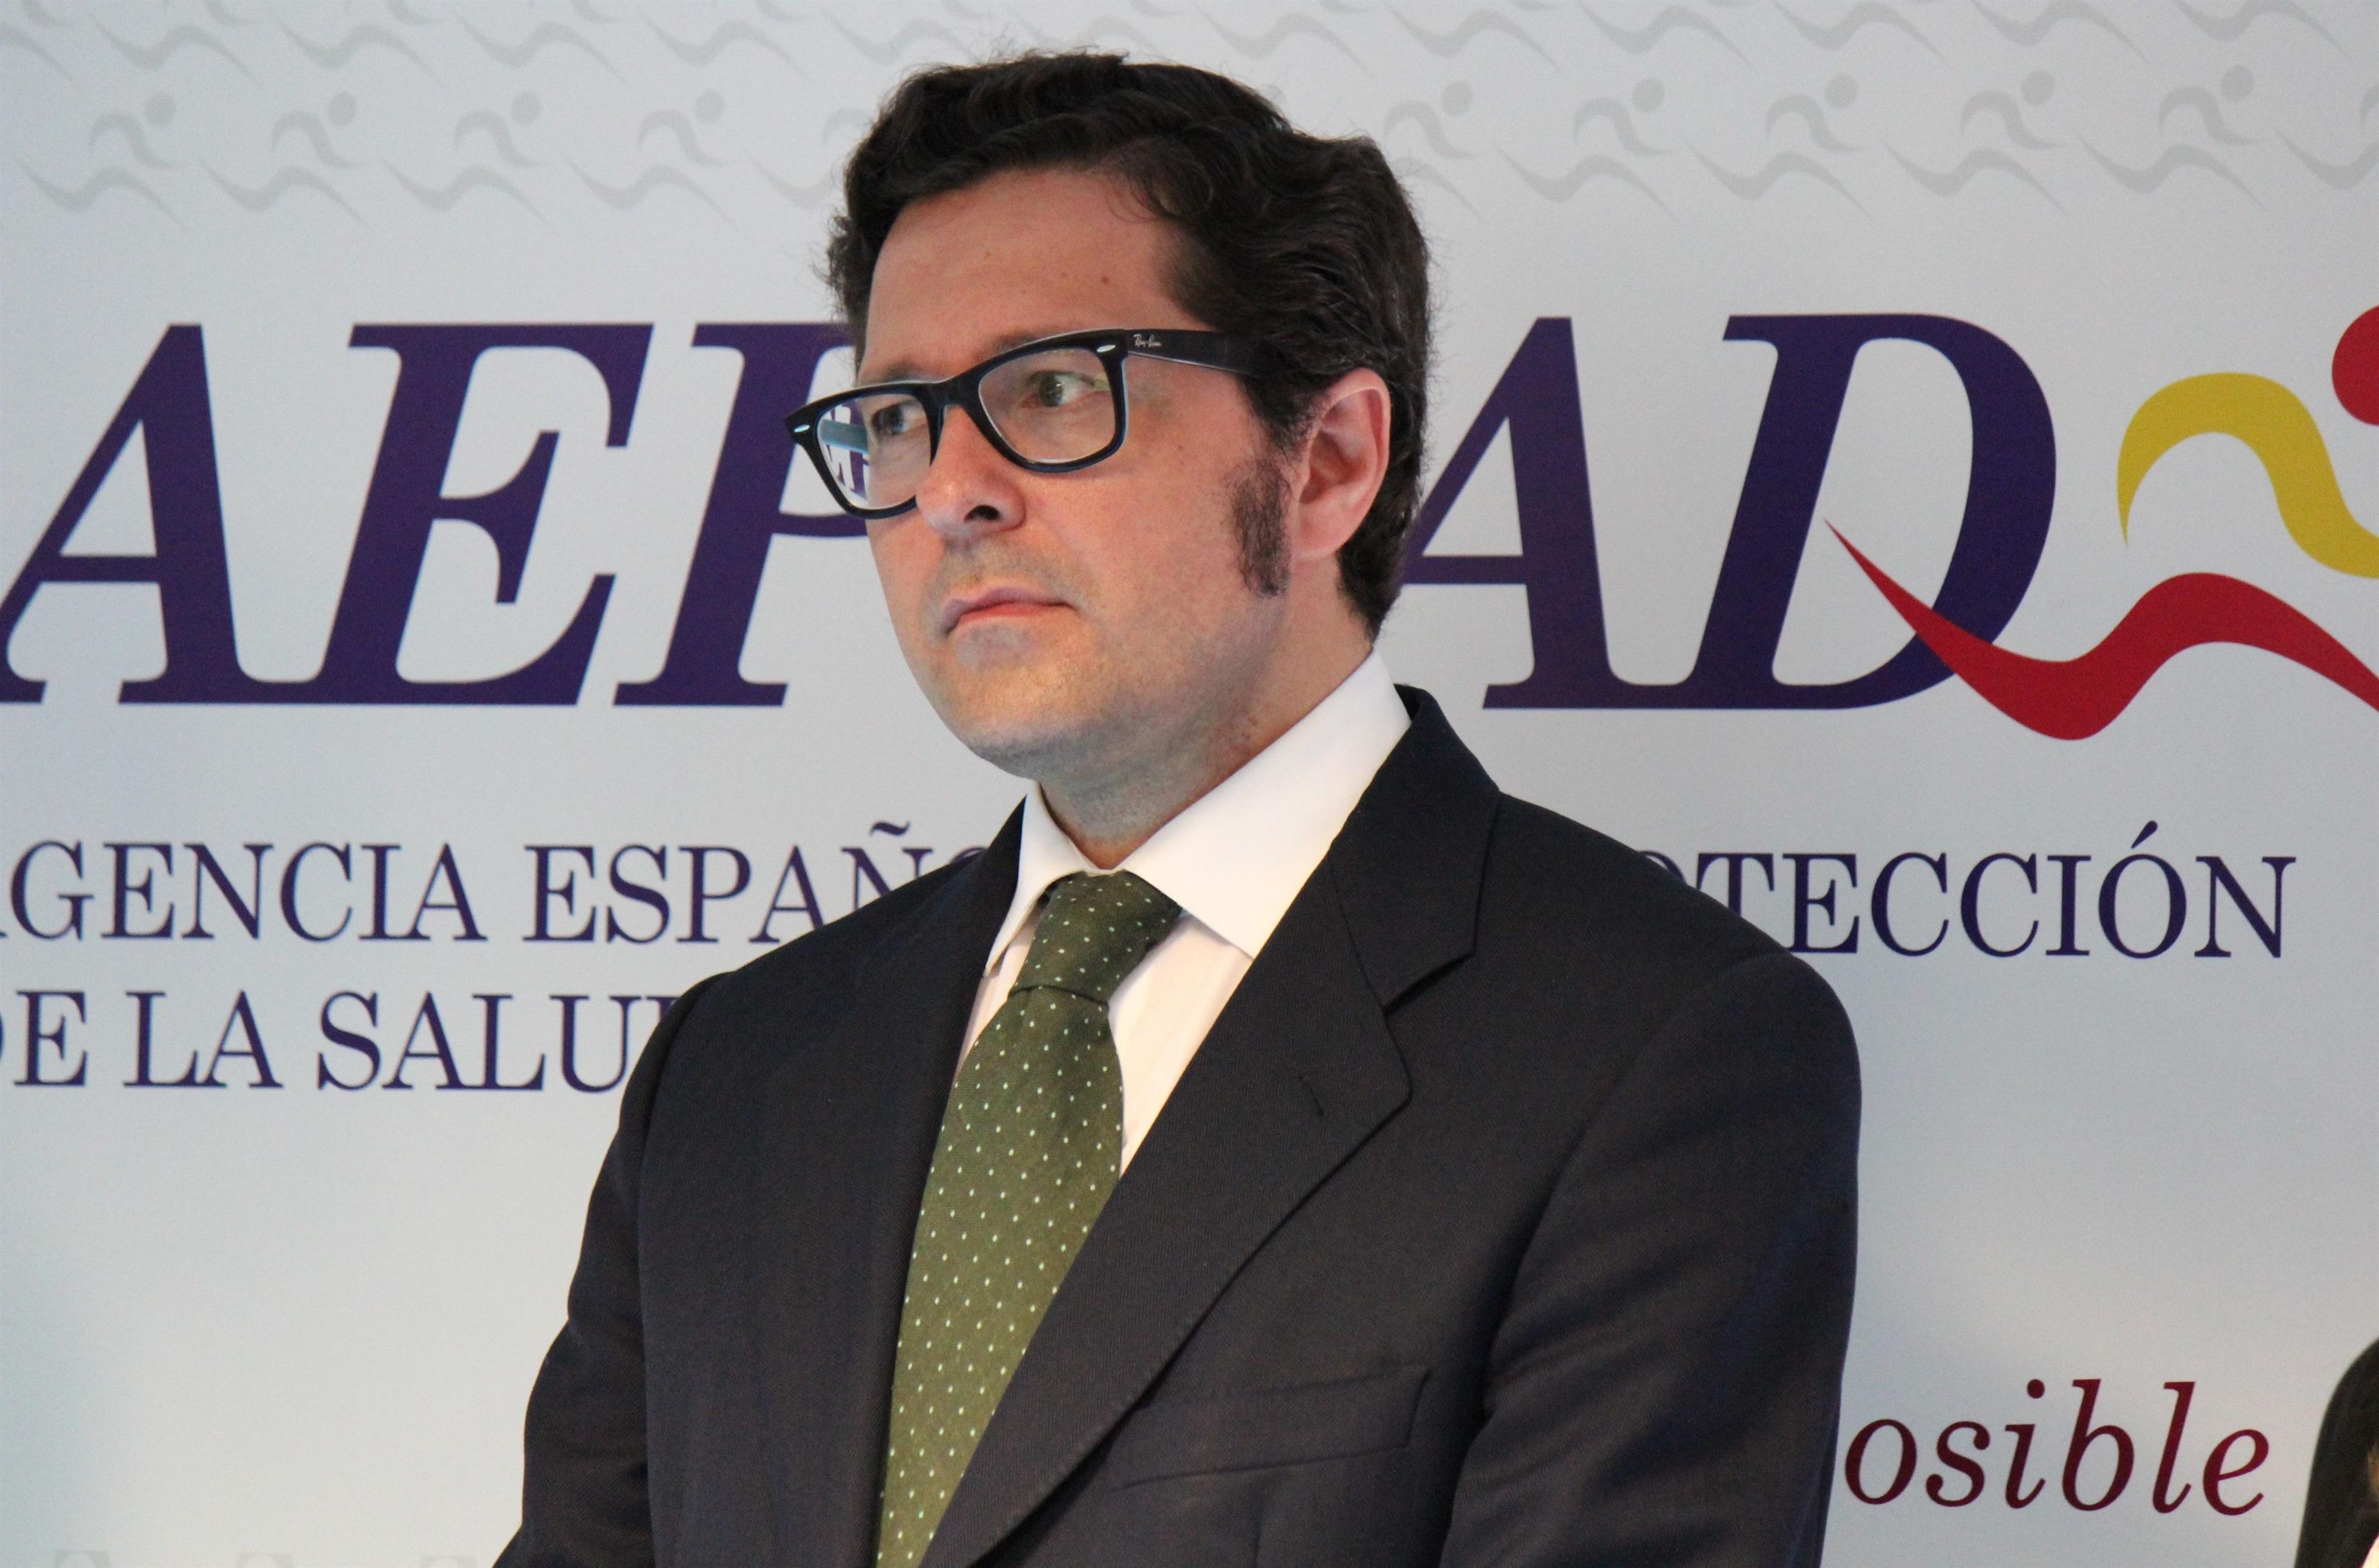 El nuevo director de la AEPSAD se guiará por la «tolerancia cero con el dopaje y el juego sucio en el deporte español»